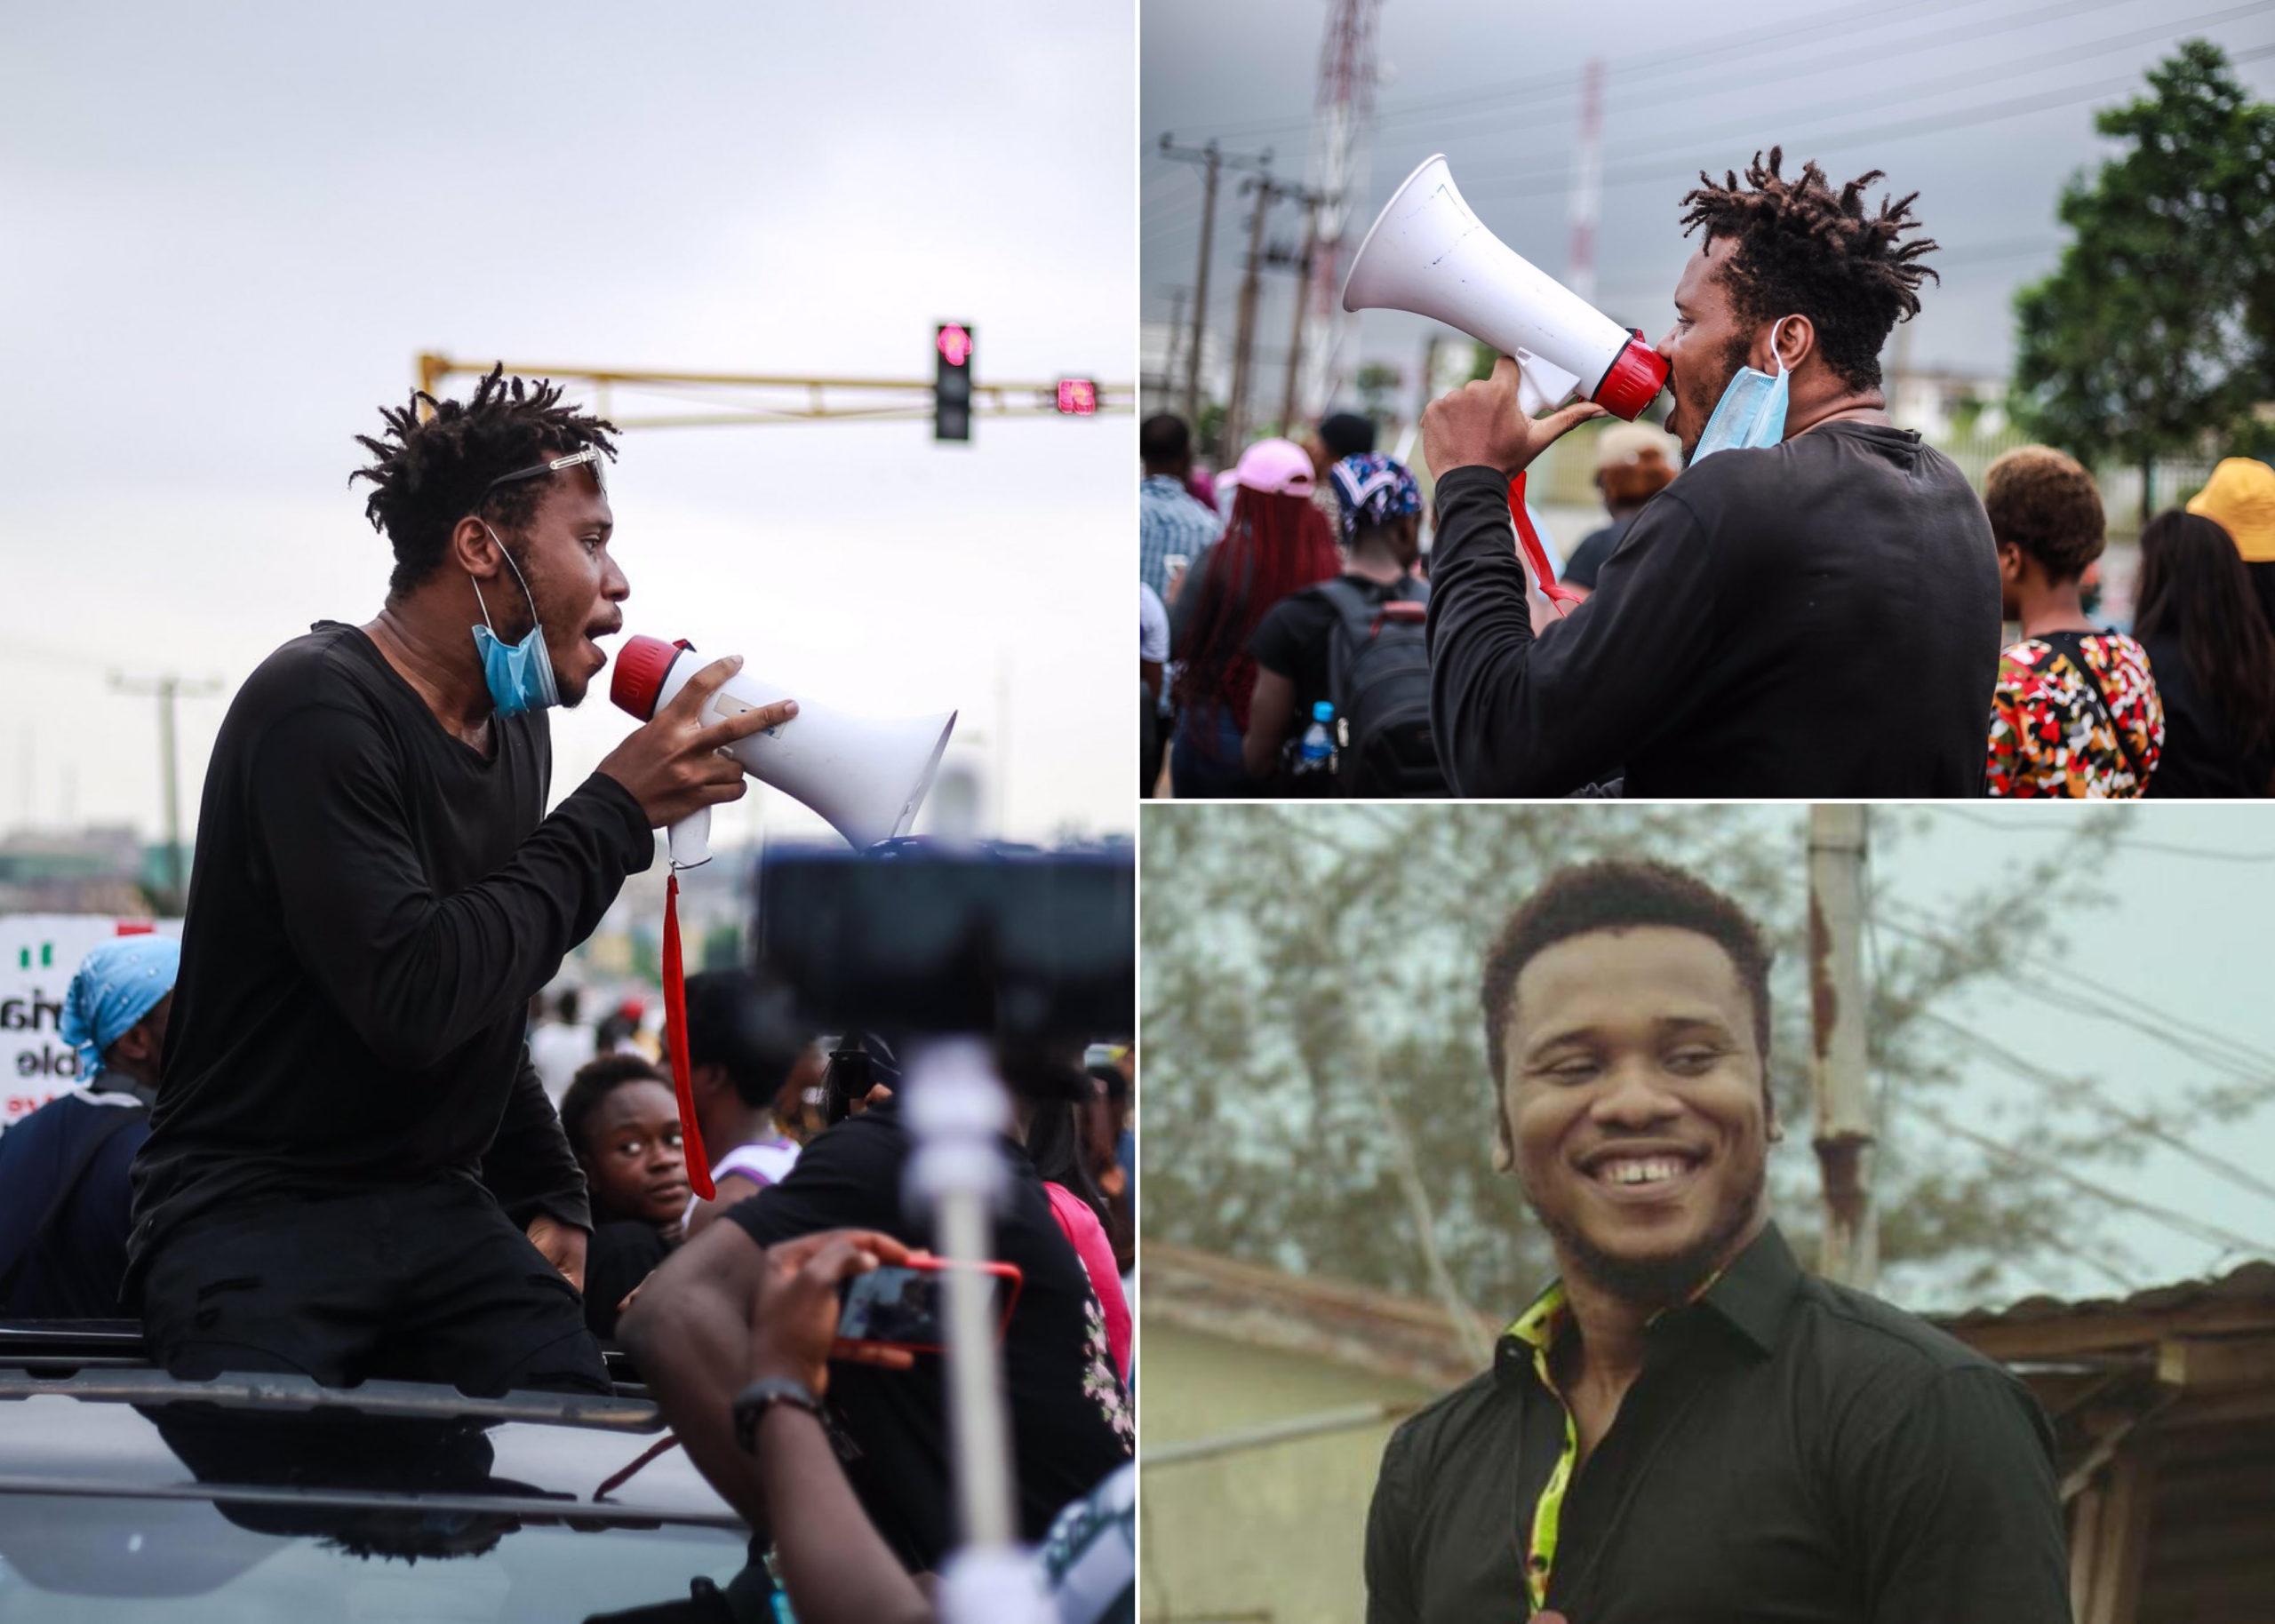 EndSARS protester, Peter Eromosele Adene